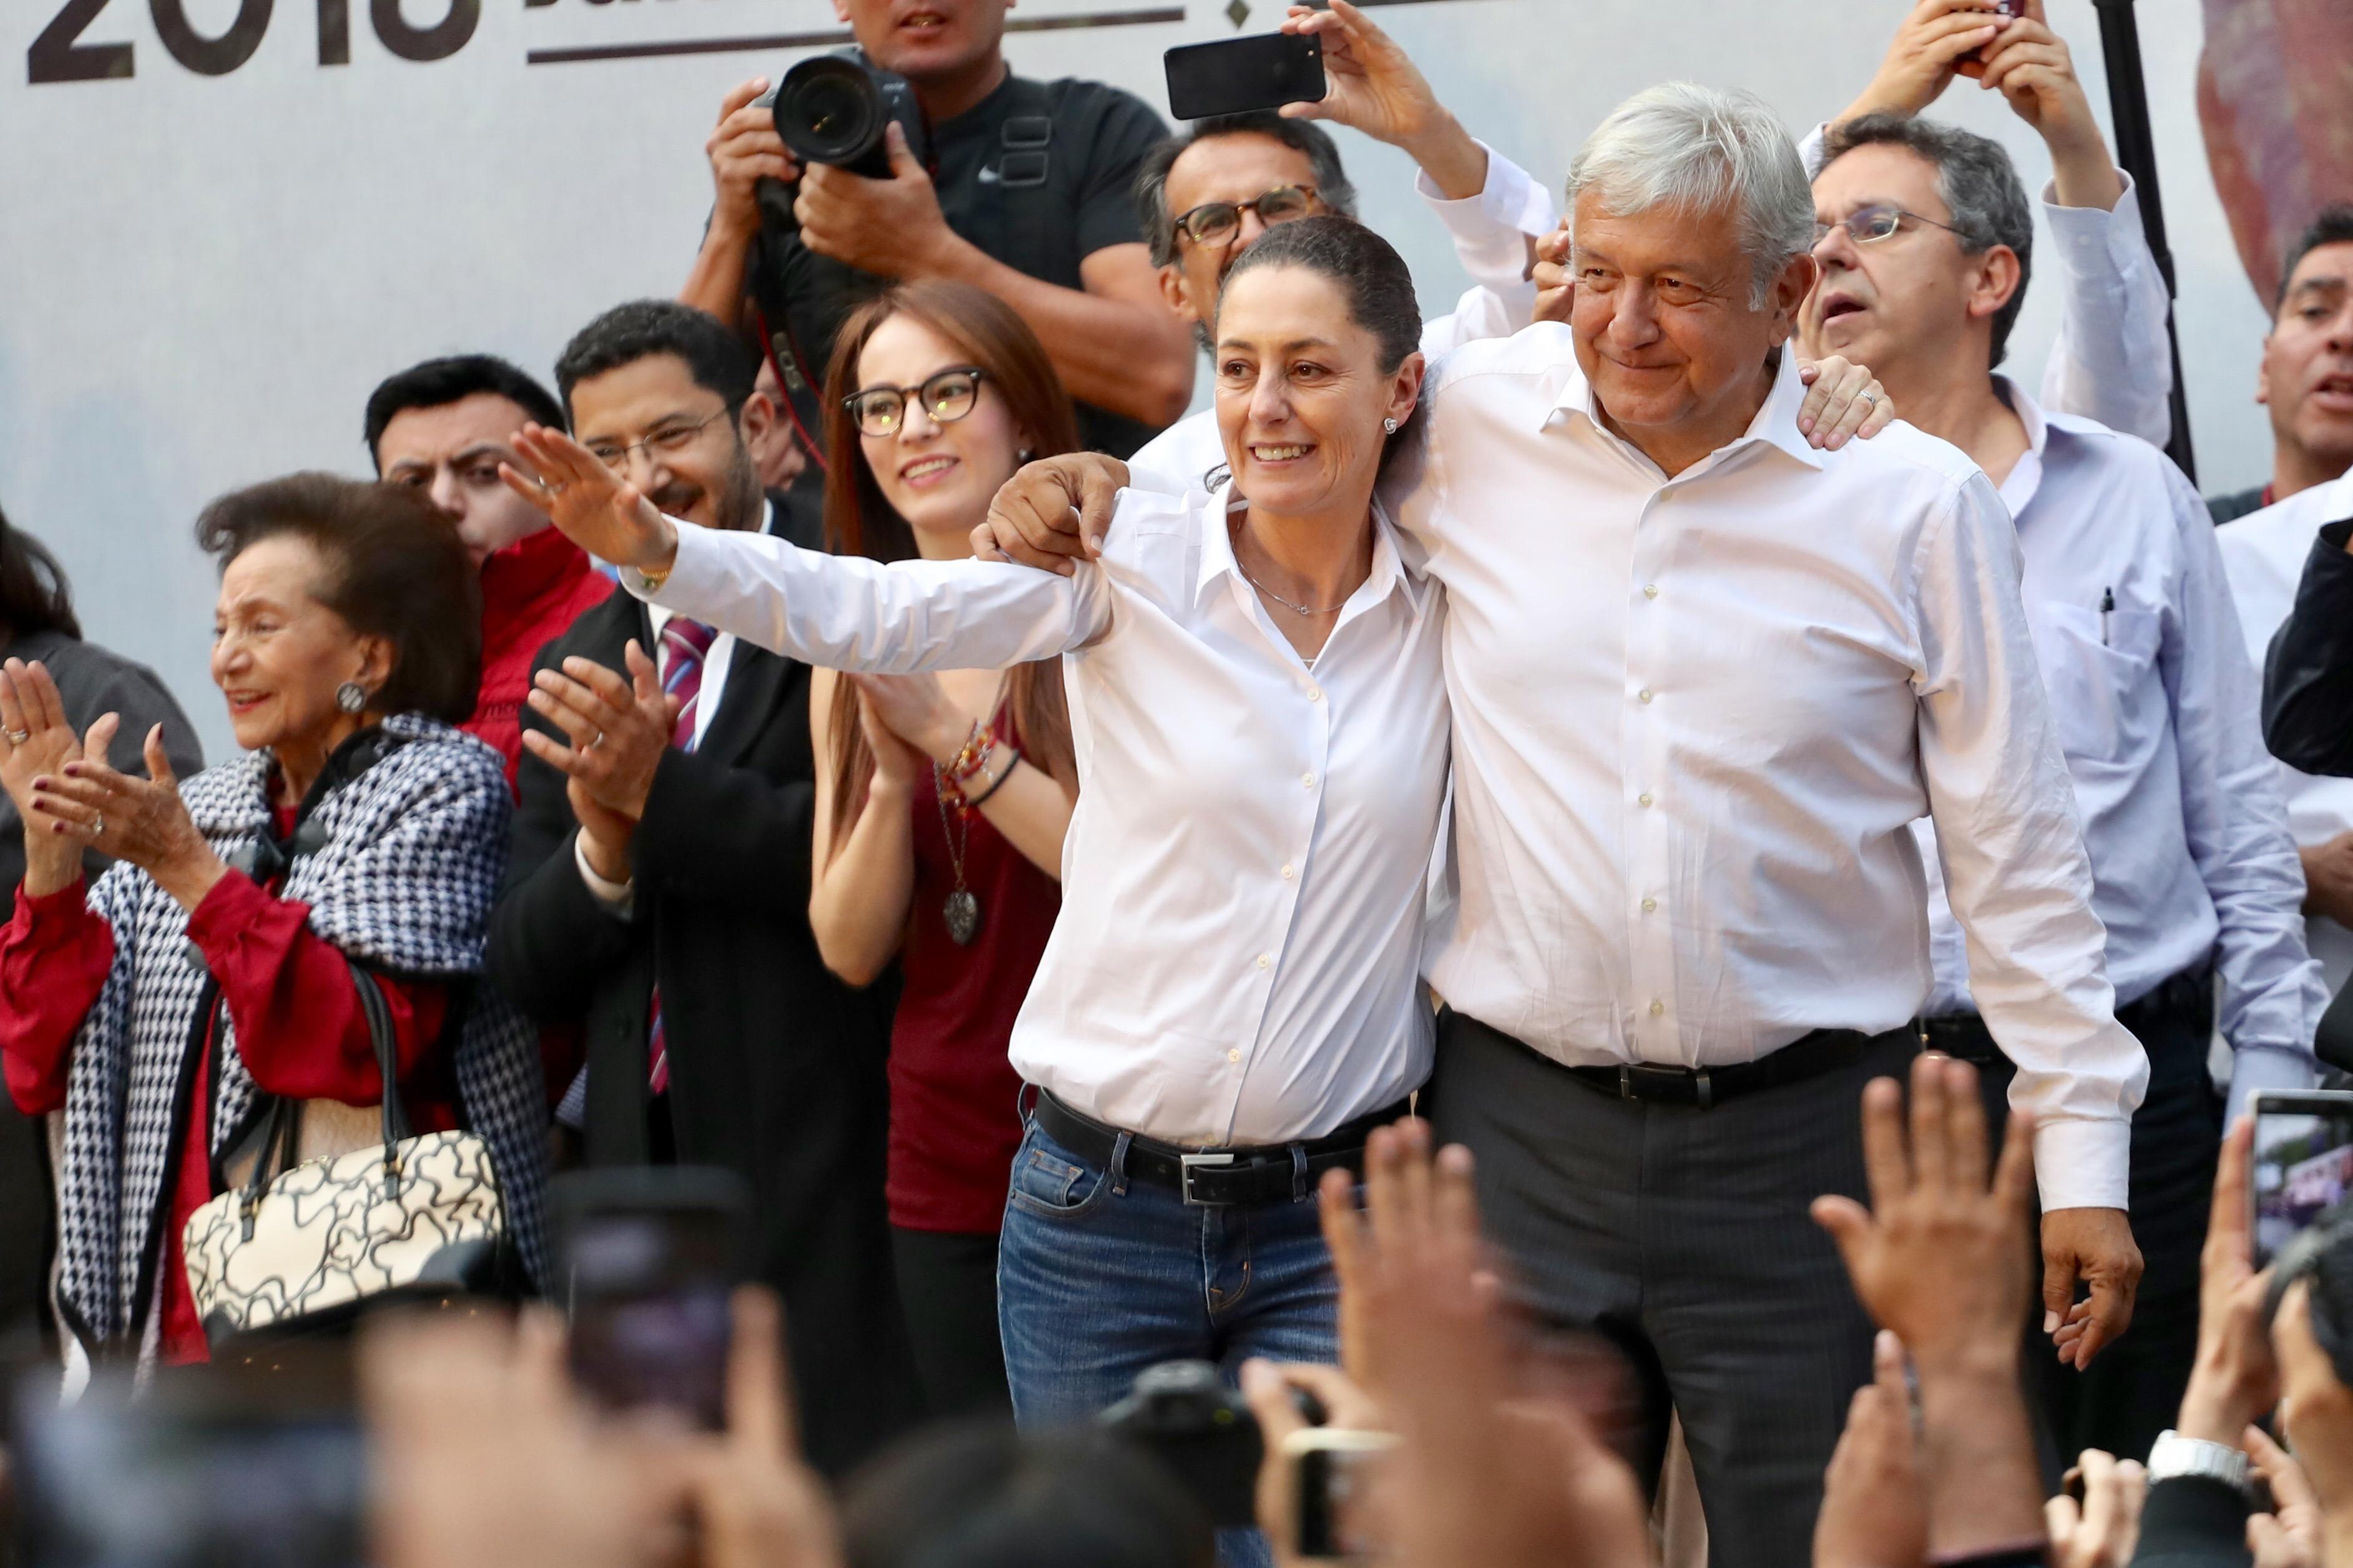 López Obrador, AMLO, Sheinbaum, Claudia SHeinbaum, Andrés Manuel, Apoyo, Espaldarazo, Taxistas, Taxis, Manifestación,